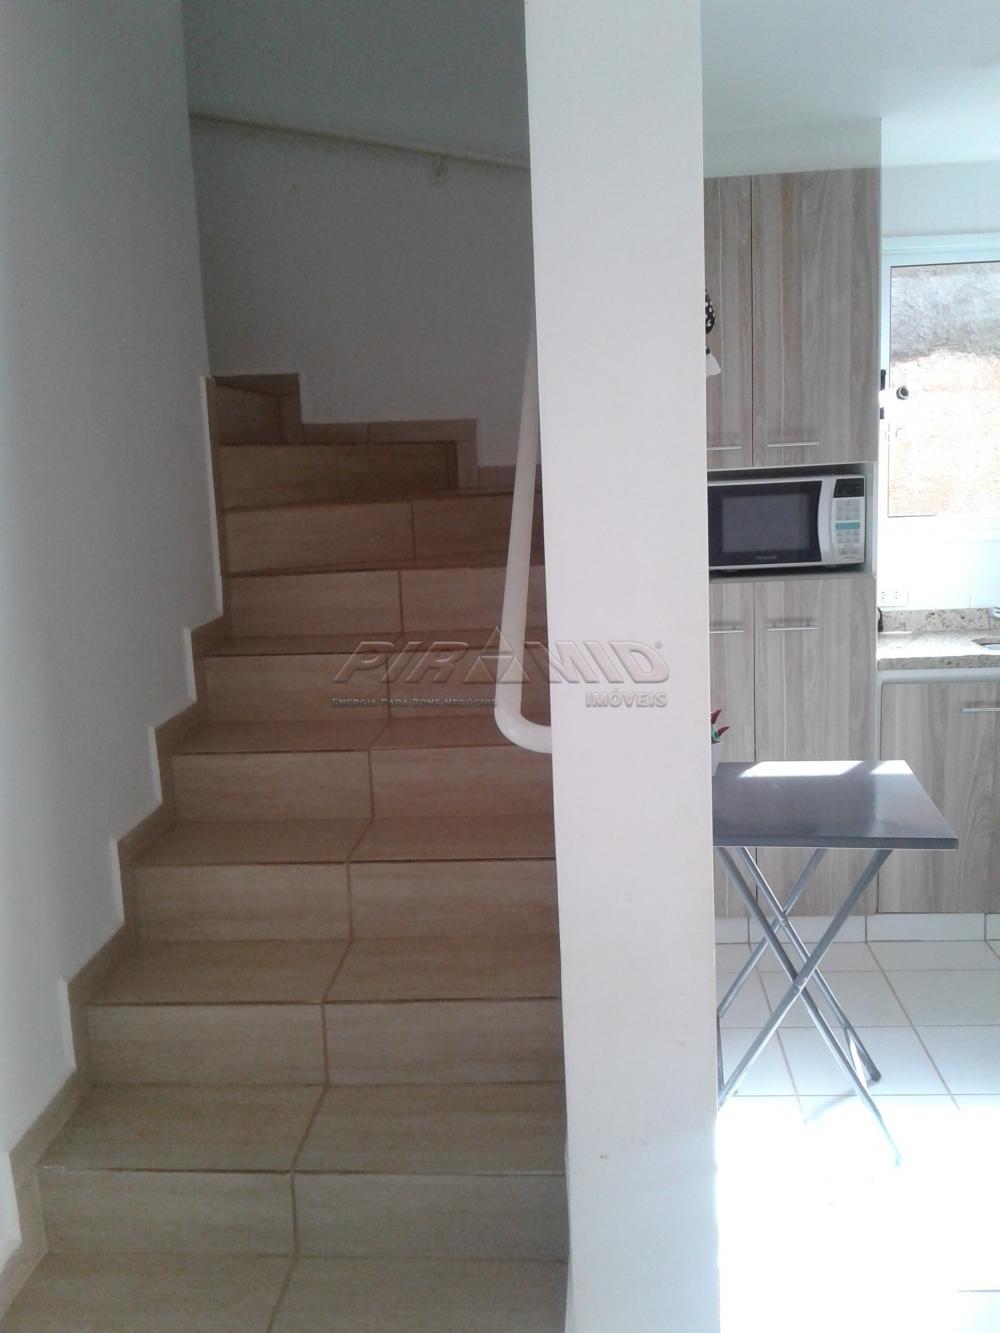 Alugar Casa / Condomínio em Ribeirão Preto R$ 1.600,00 - Foto 4